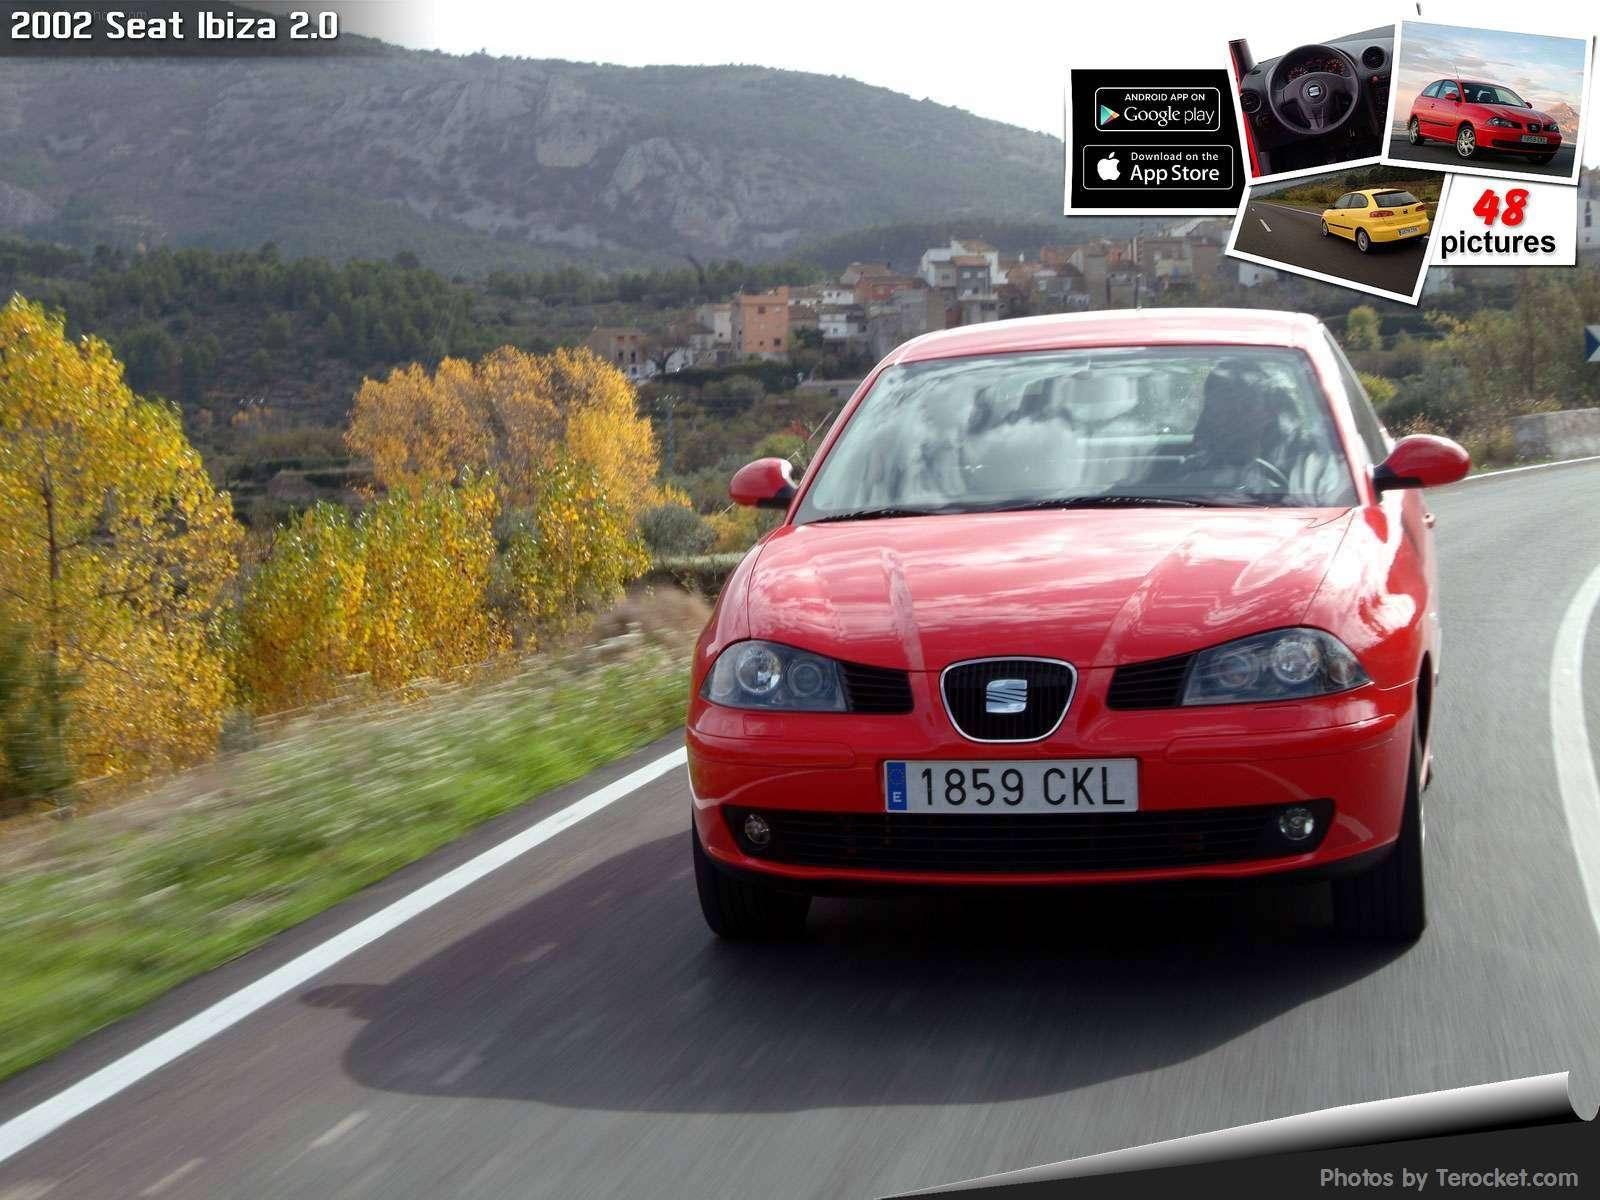 Hình ảnh xe ô tô Seat Ibiza 2.0 2002 & nội ngoại thất